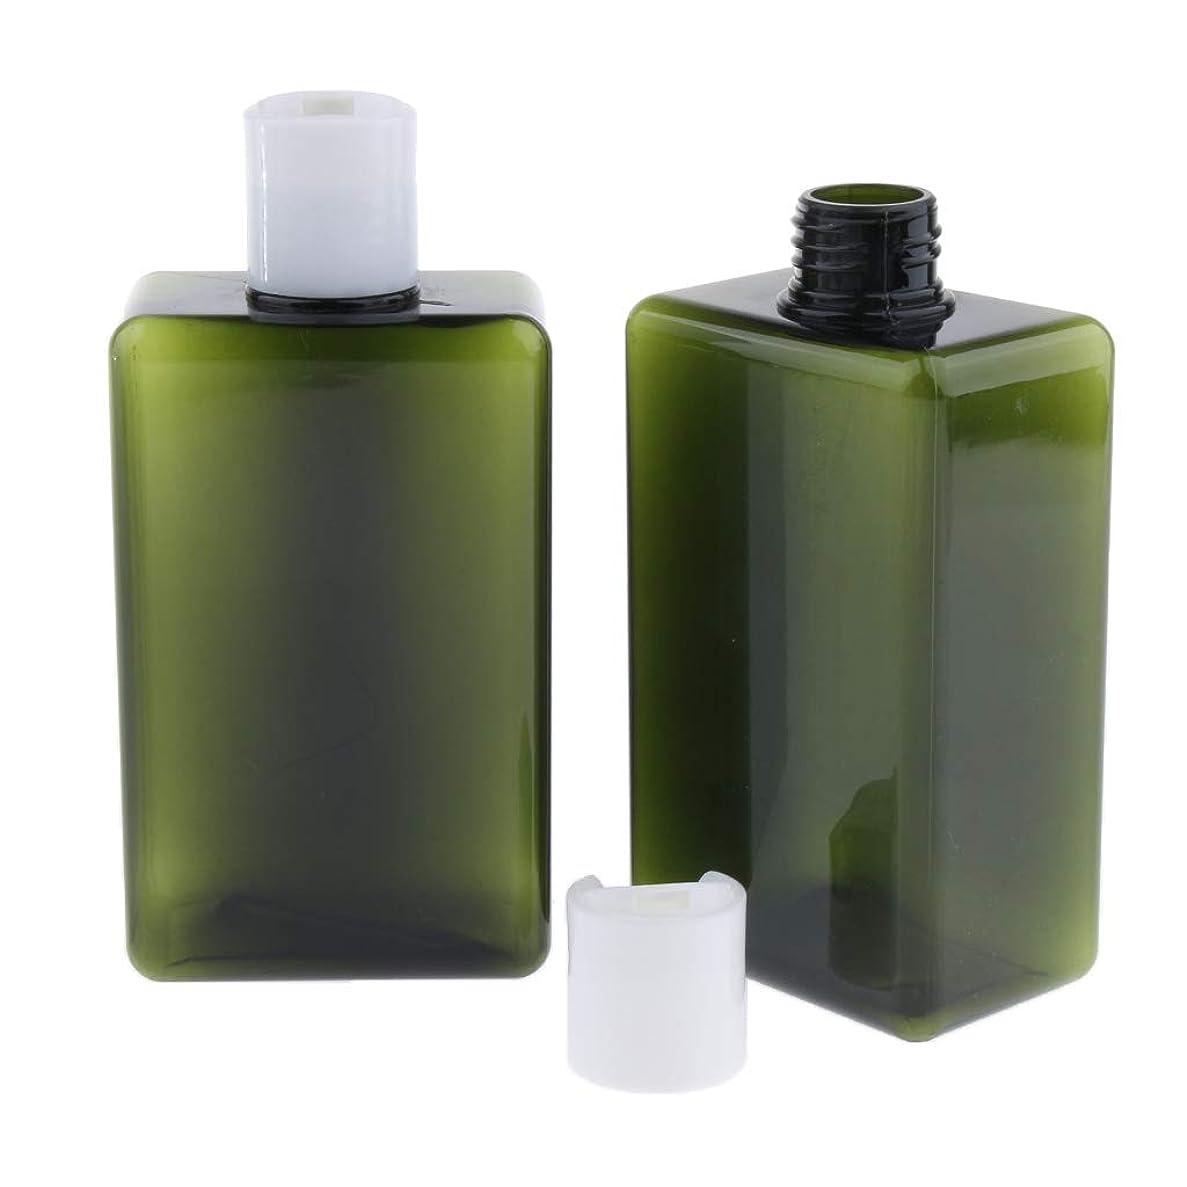 地獄木製知覚的D DOLITY 2個 シャンプーボトル 乳液びん シャワージェル 小分け 詰め替え 300ミリ 化粧品容器 バス ホテル 旅行 - 緑